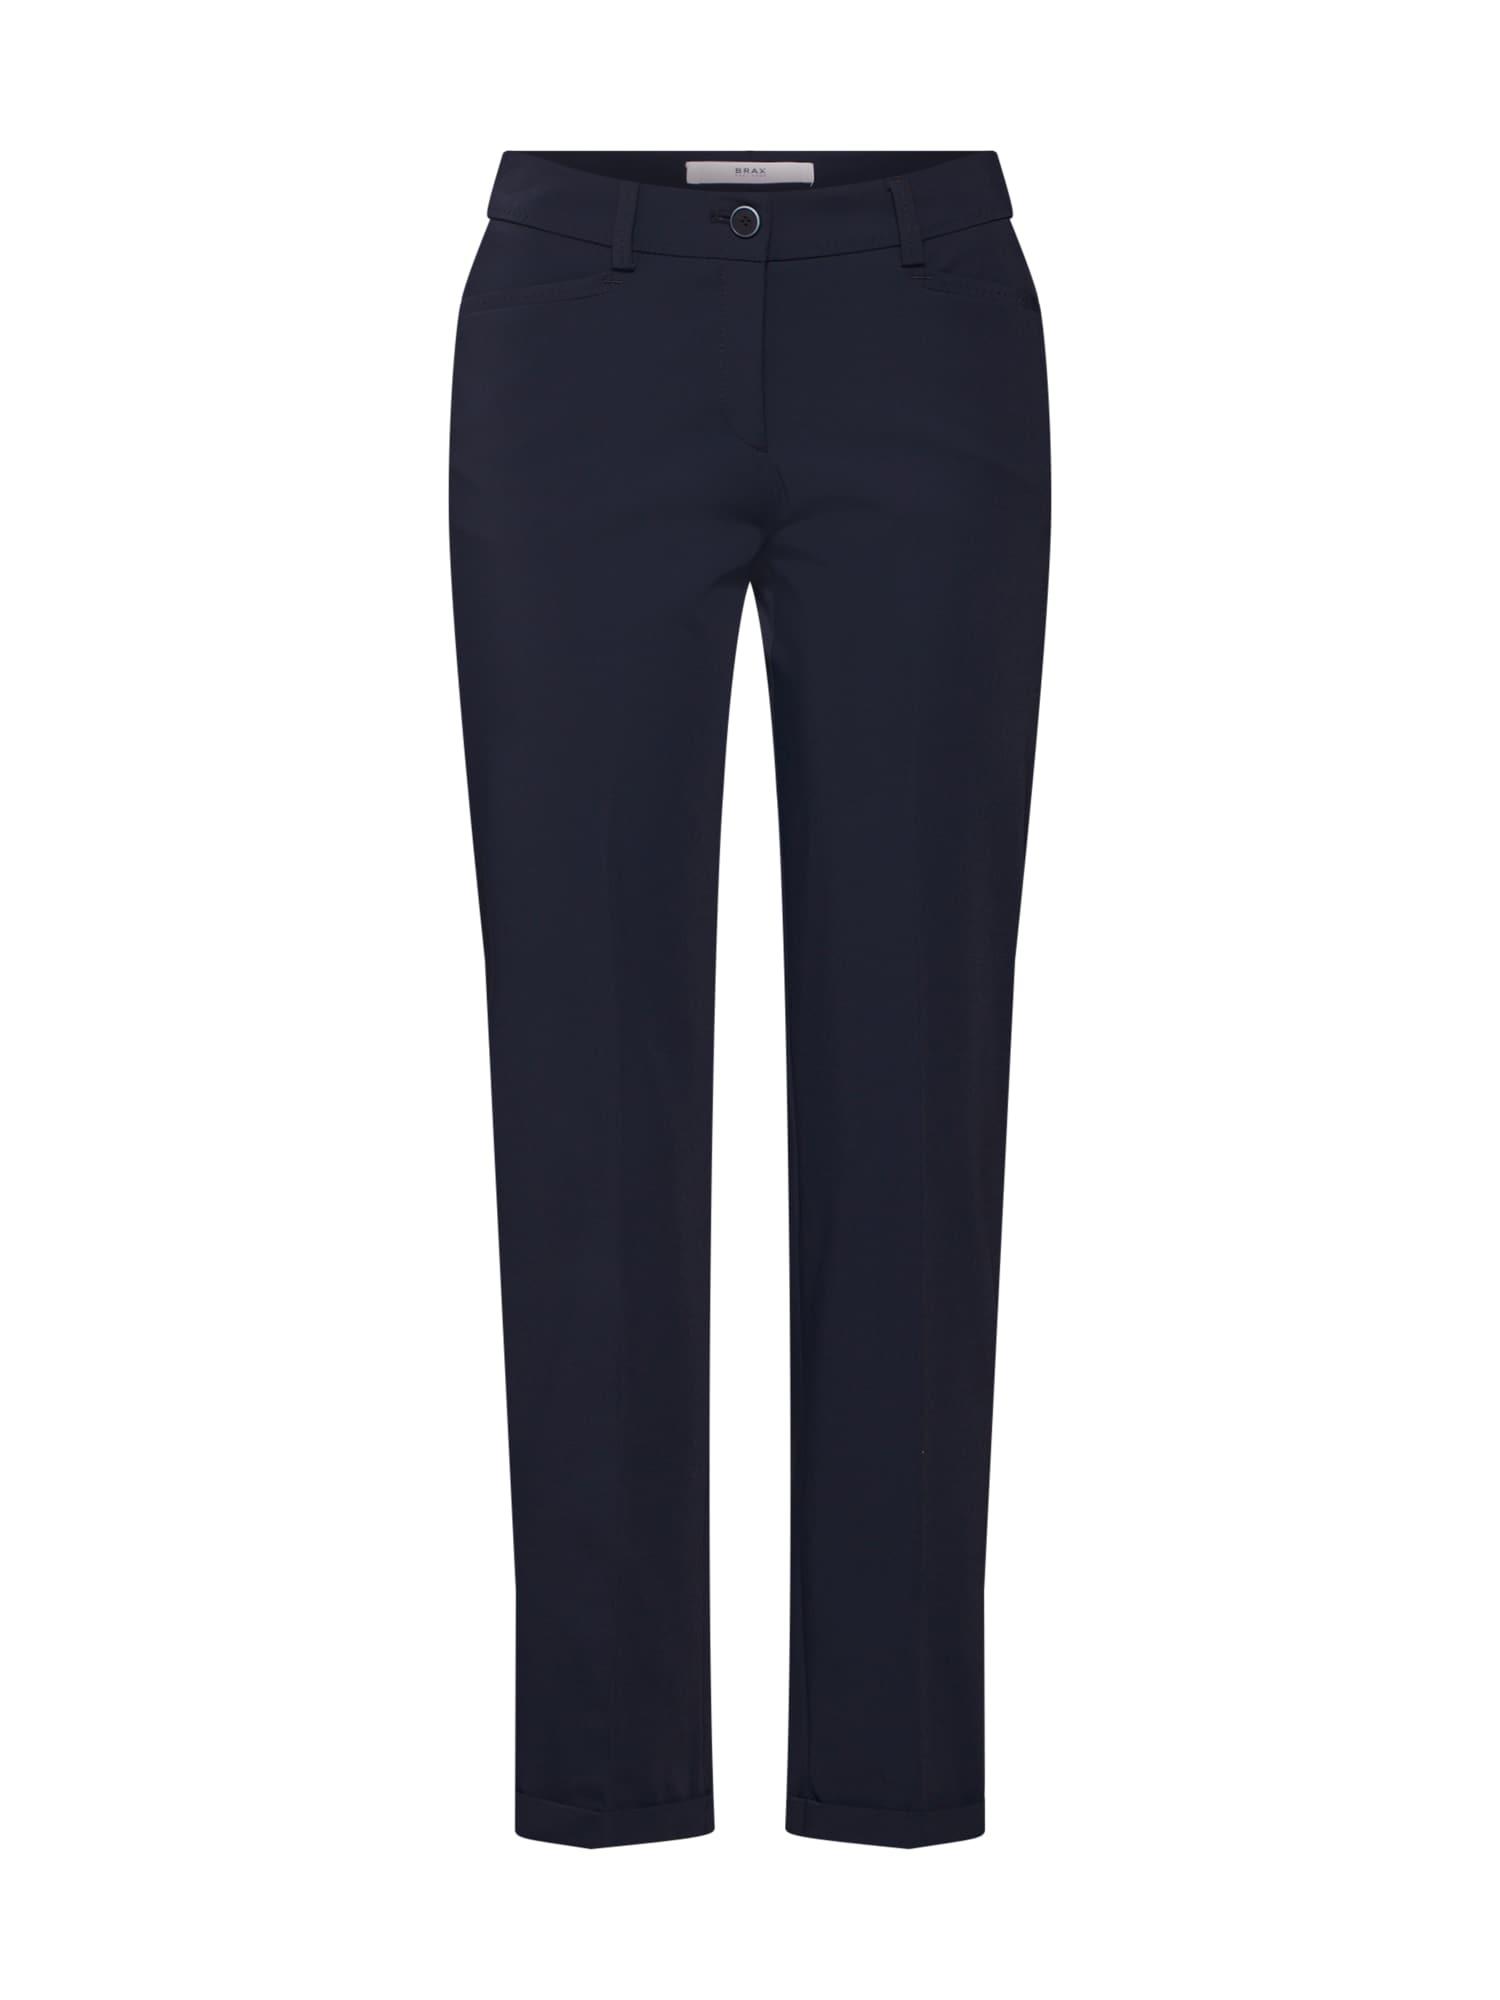 Kalhoty s puky Maron námořnická modř BRAX